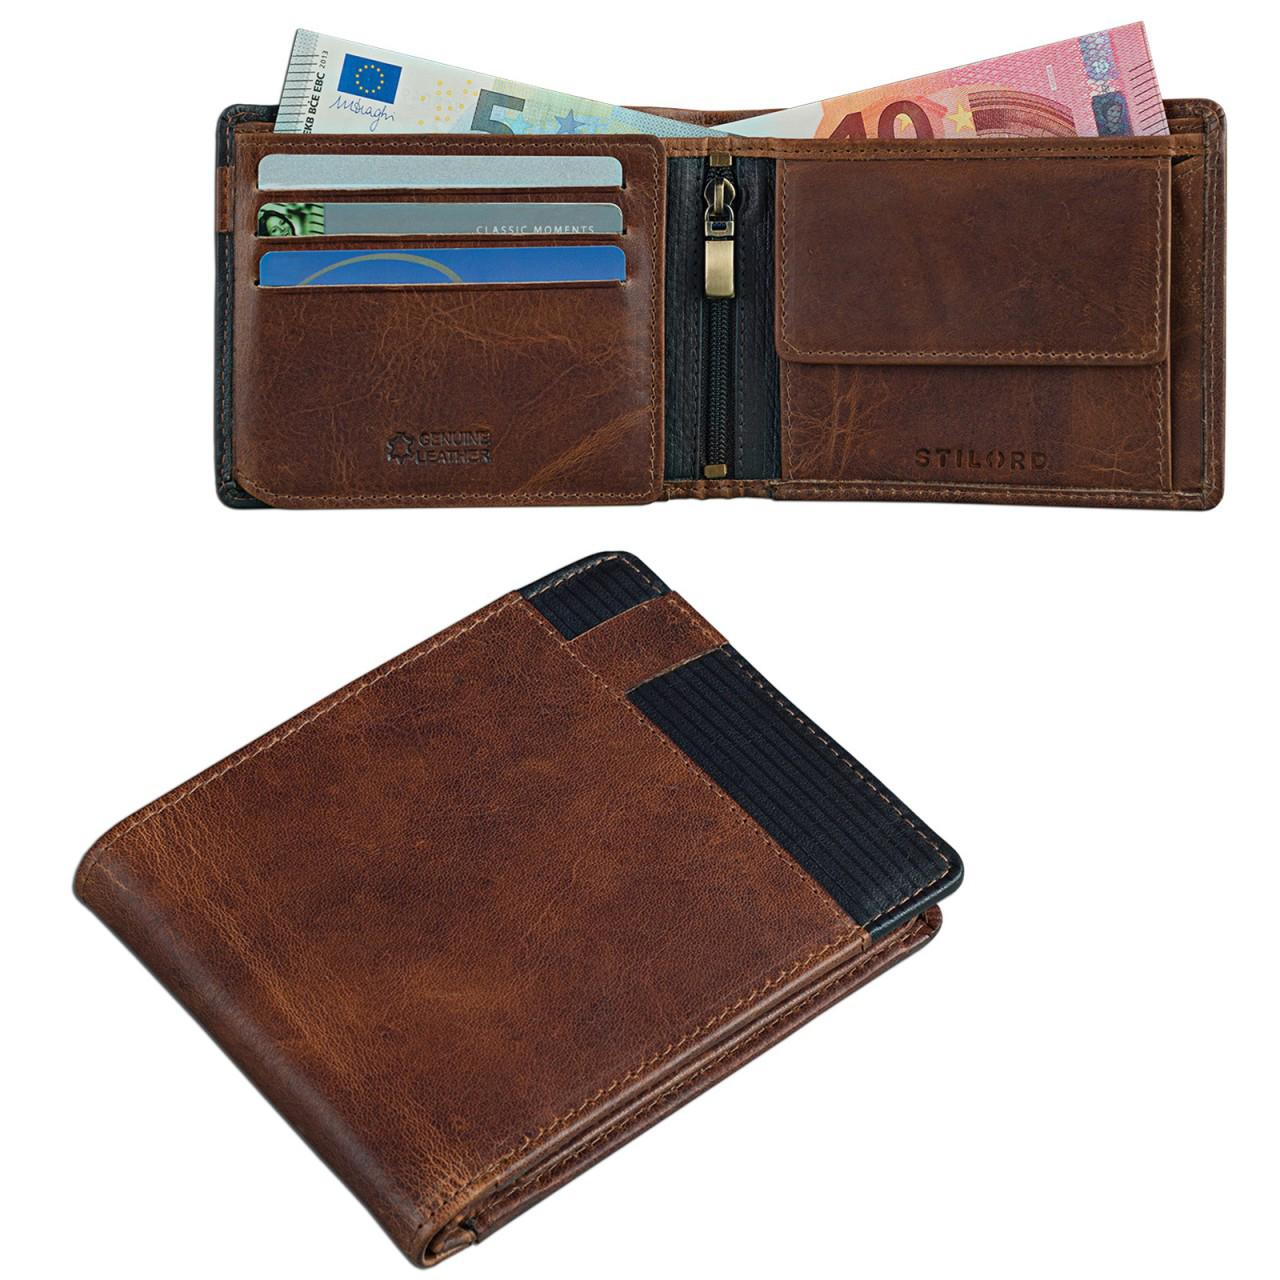 Portemonnaie echtes Rindsleder Retro Vintage für Herren